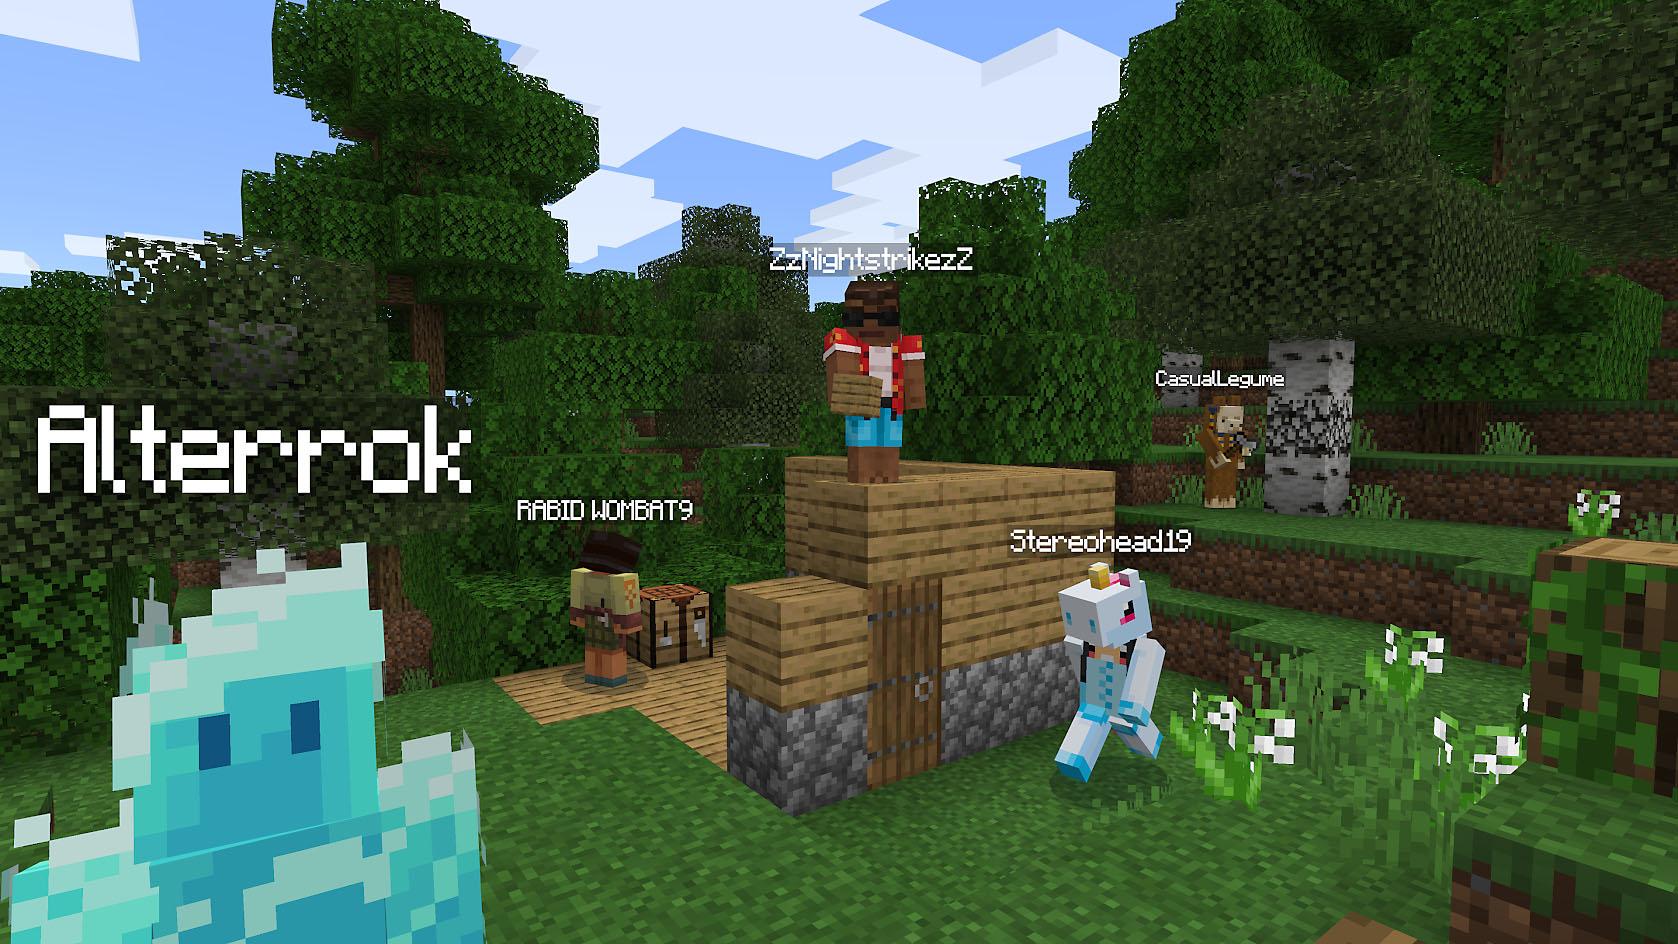 オンラインゲーム Minecraft の日本語版